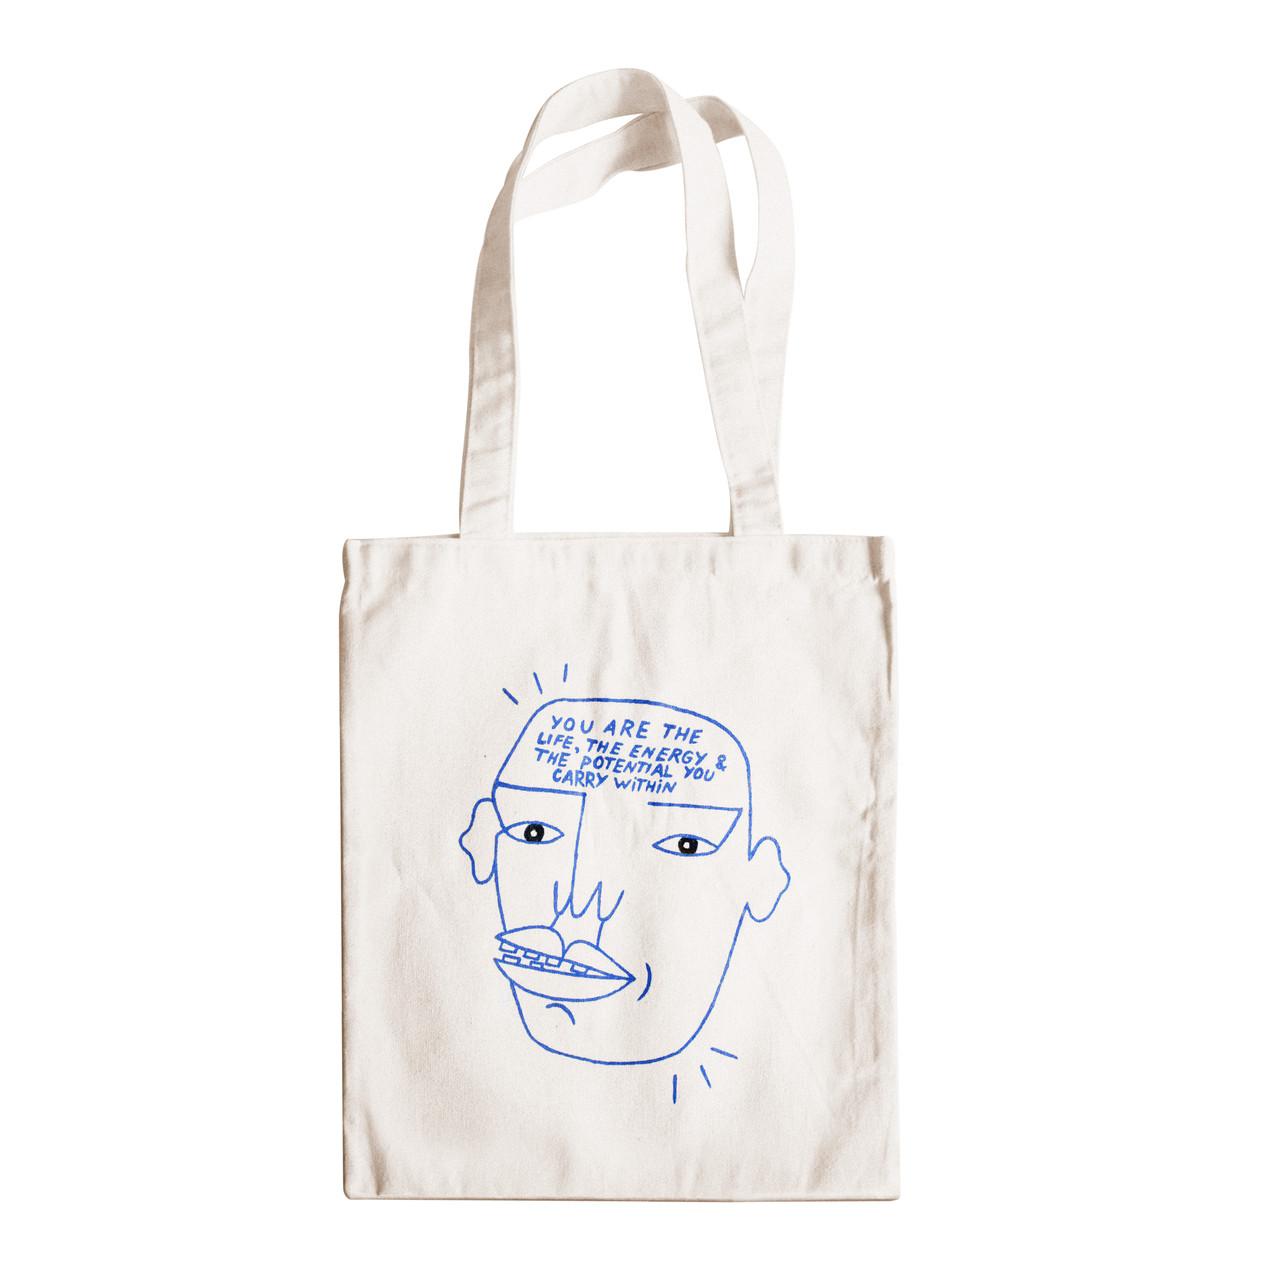 """Трикотажная светлая бежевая бежевая сумка для покупок """"эко-шоппер"""" ручной работы с принтом """"Mind"""",двунитка"""